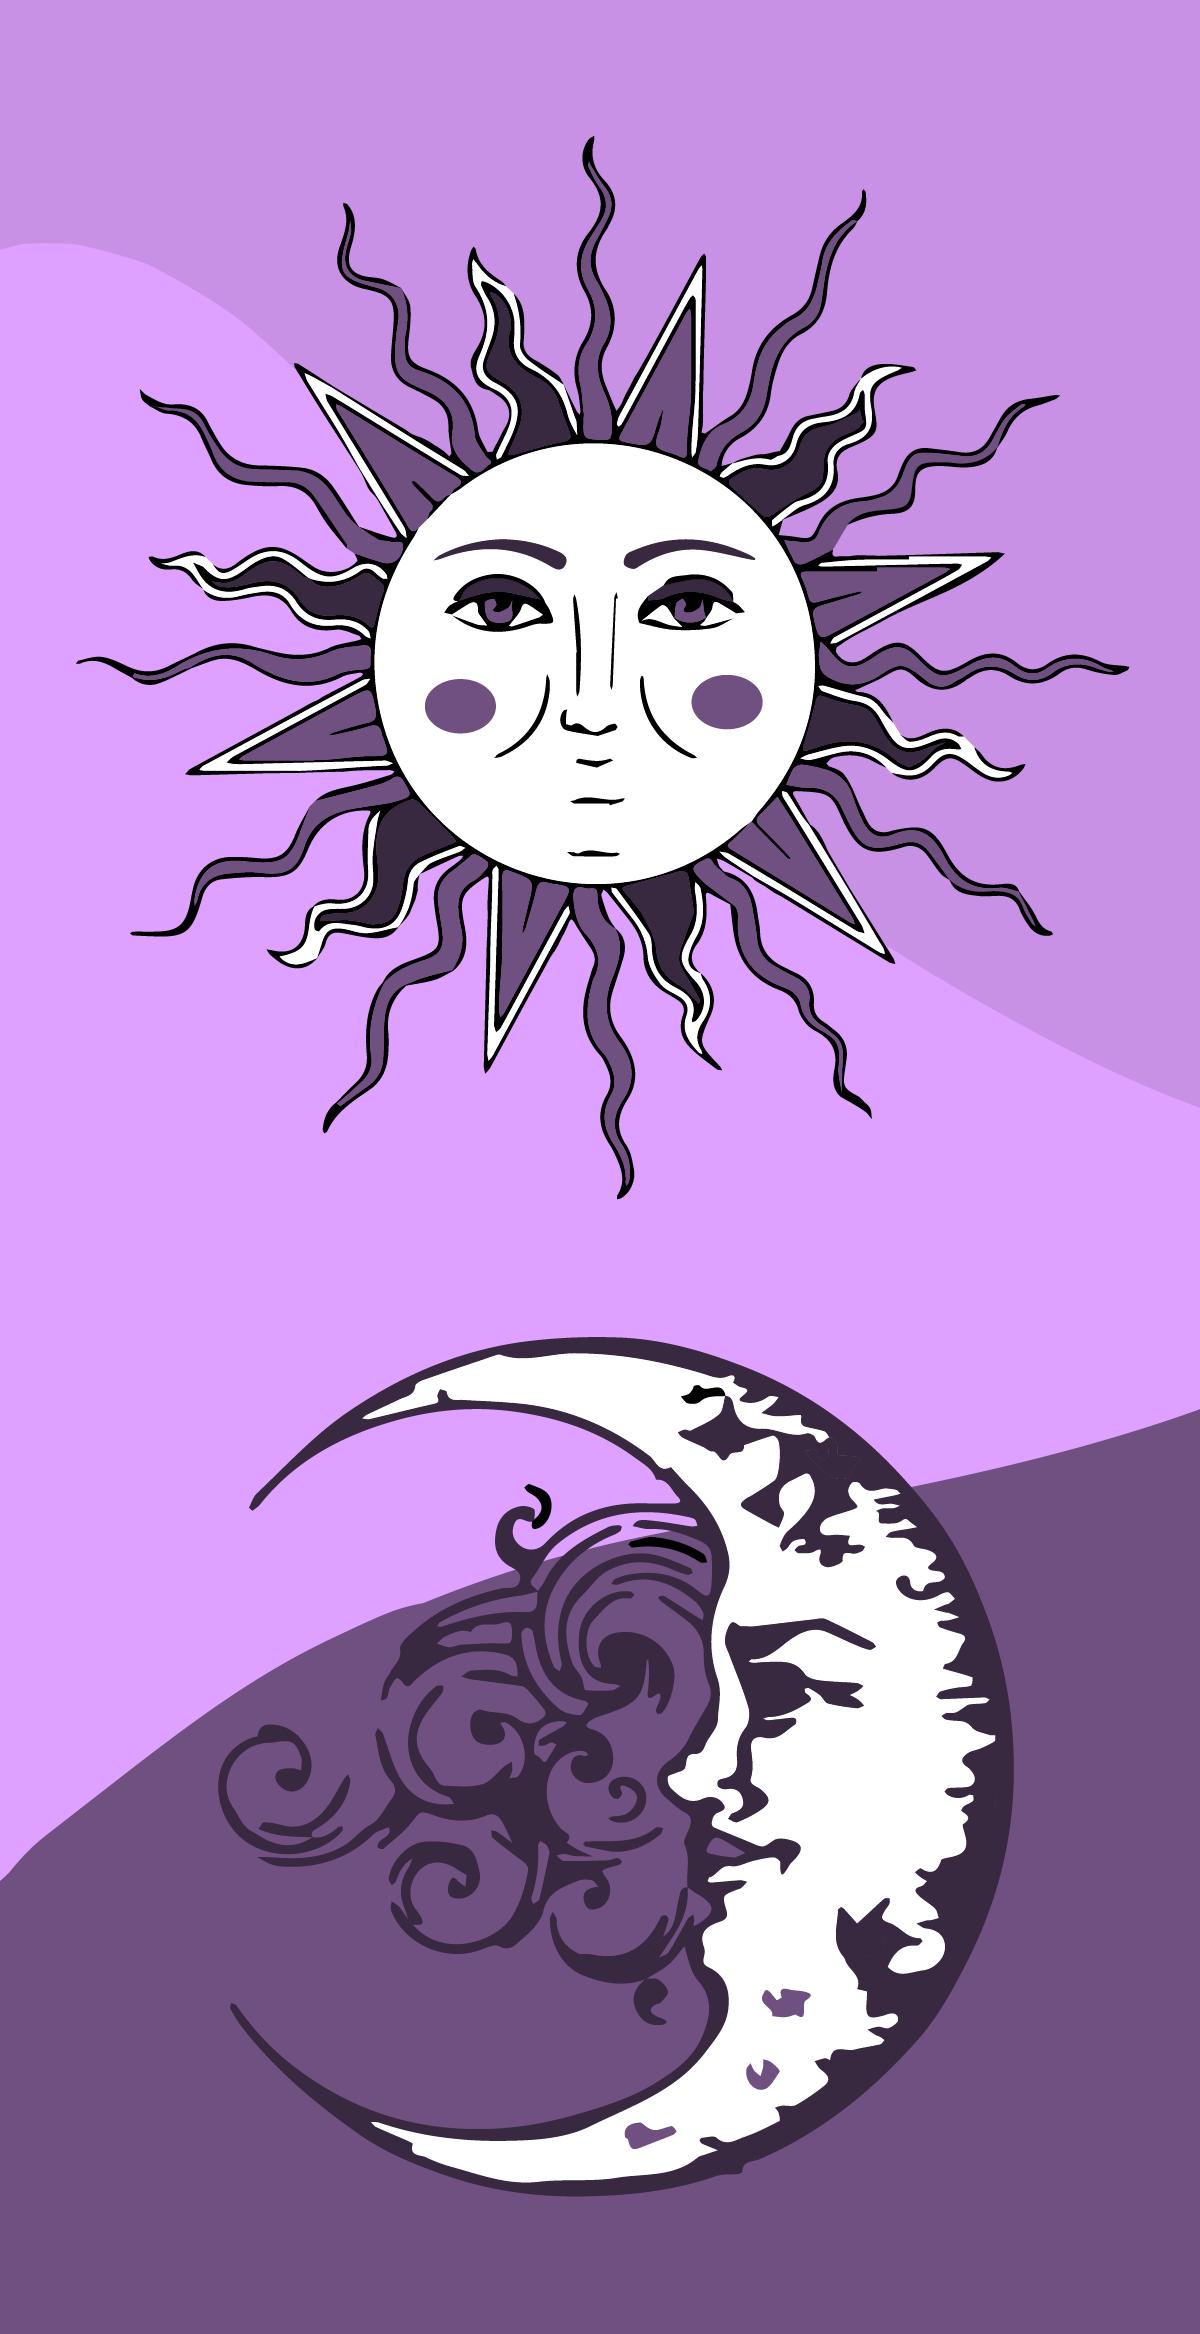 Fond d'écran lune et soleil | Wallpapers roxos, Colagem de ...